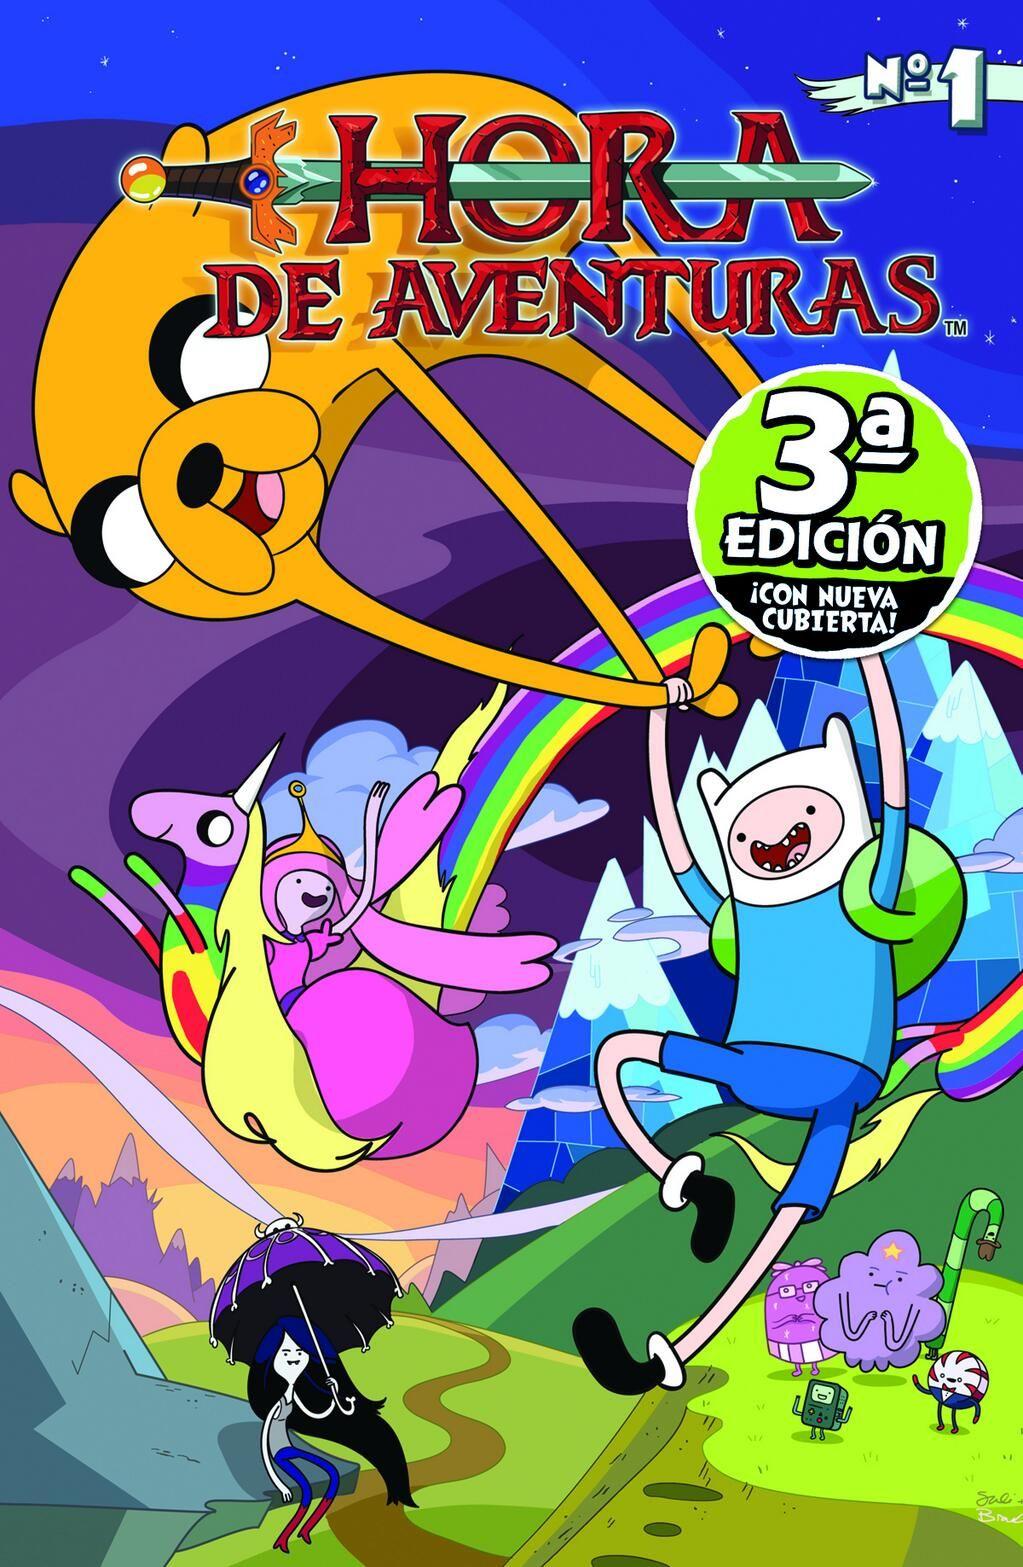 Hora de Aventuras. Portada de la 3ª Edición de la versión para España. Norma Editorial.